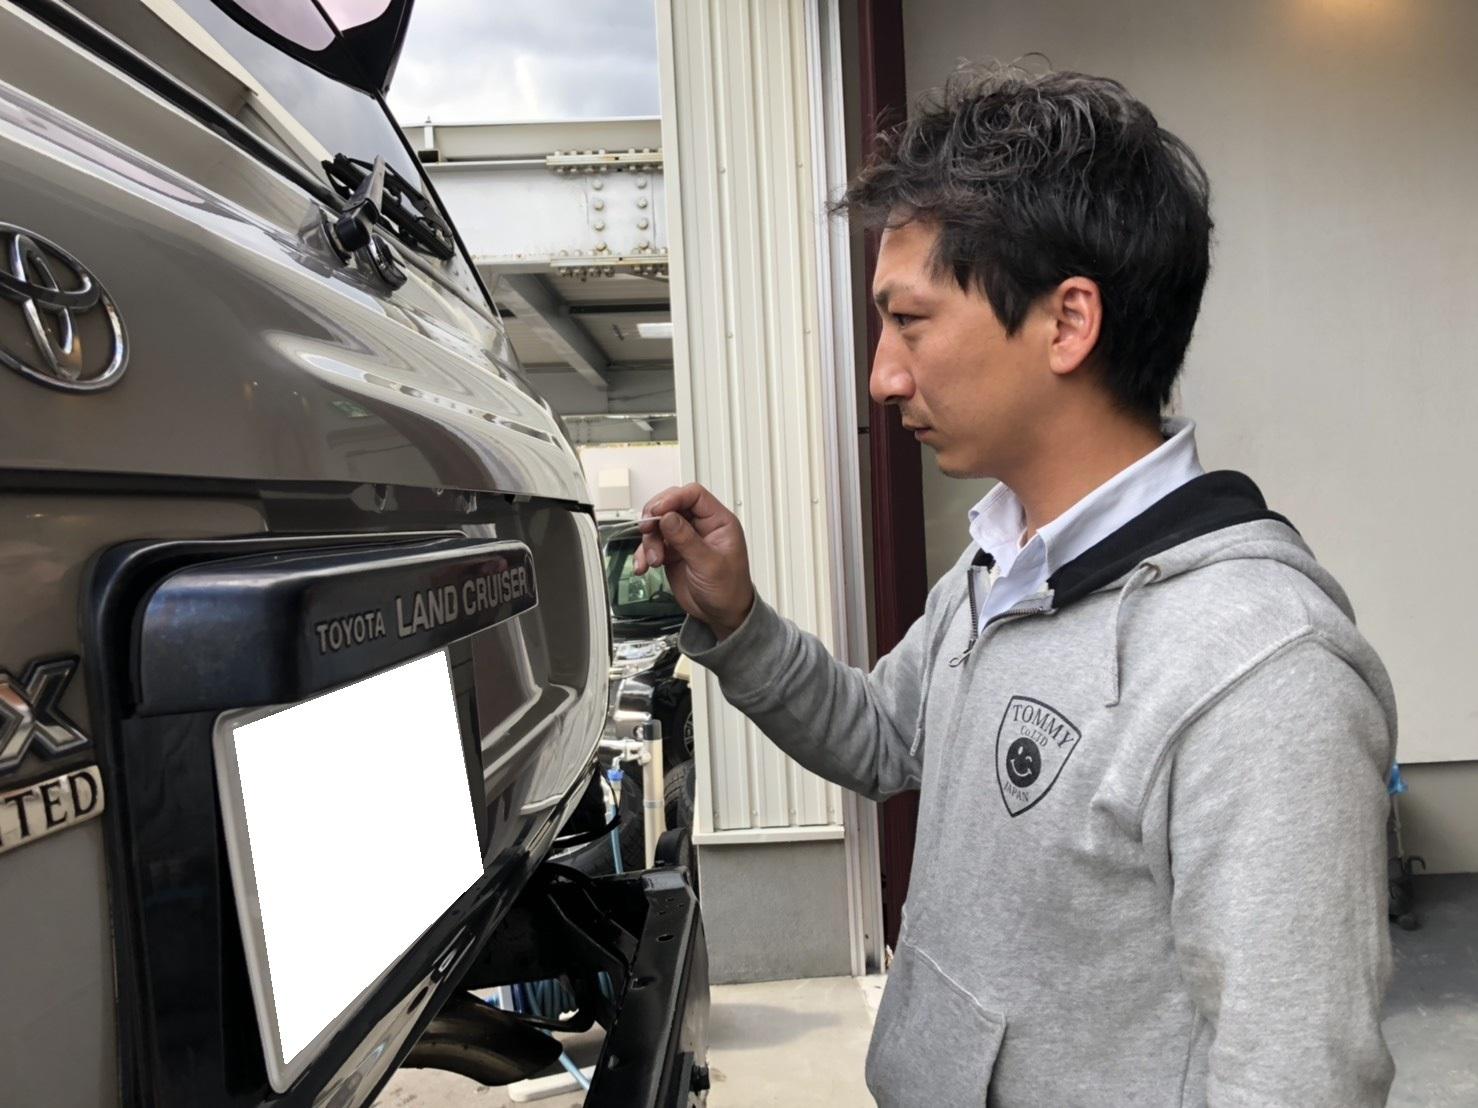 10月13日(土)✿ランクル80F様&ベンツSL350A社様納車(゜゜)♡タントK様ご成約(^^)/_b0127002_18205804.jpg